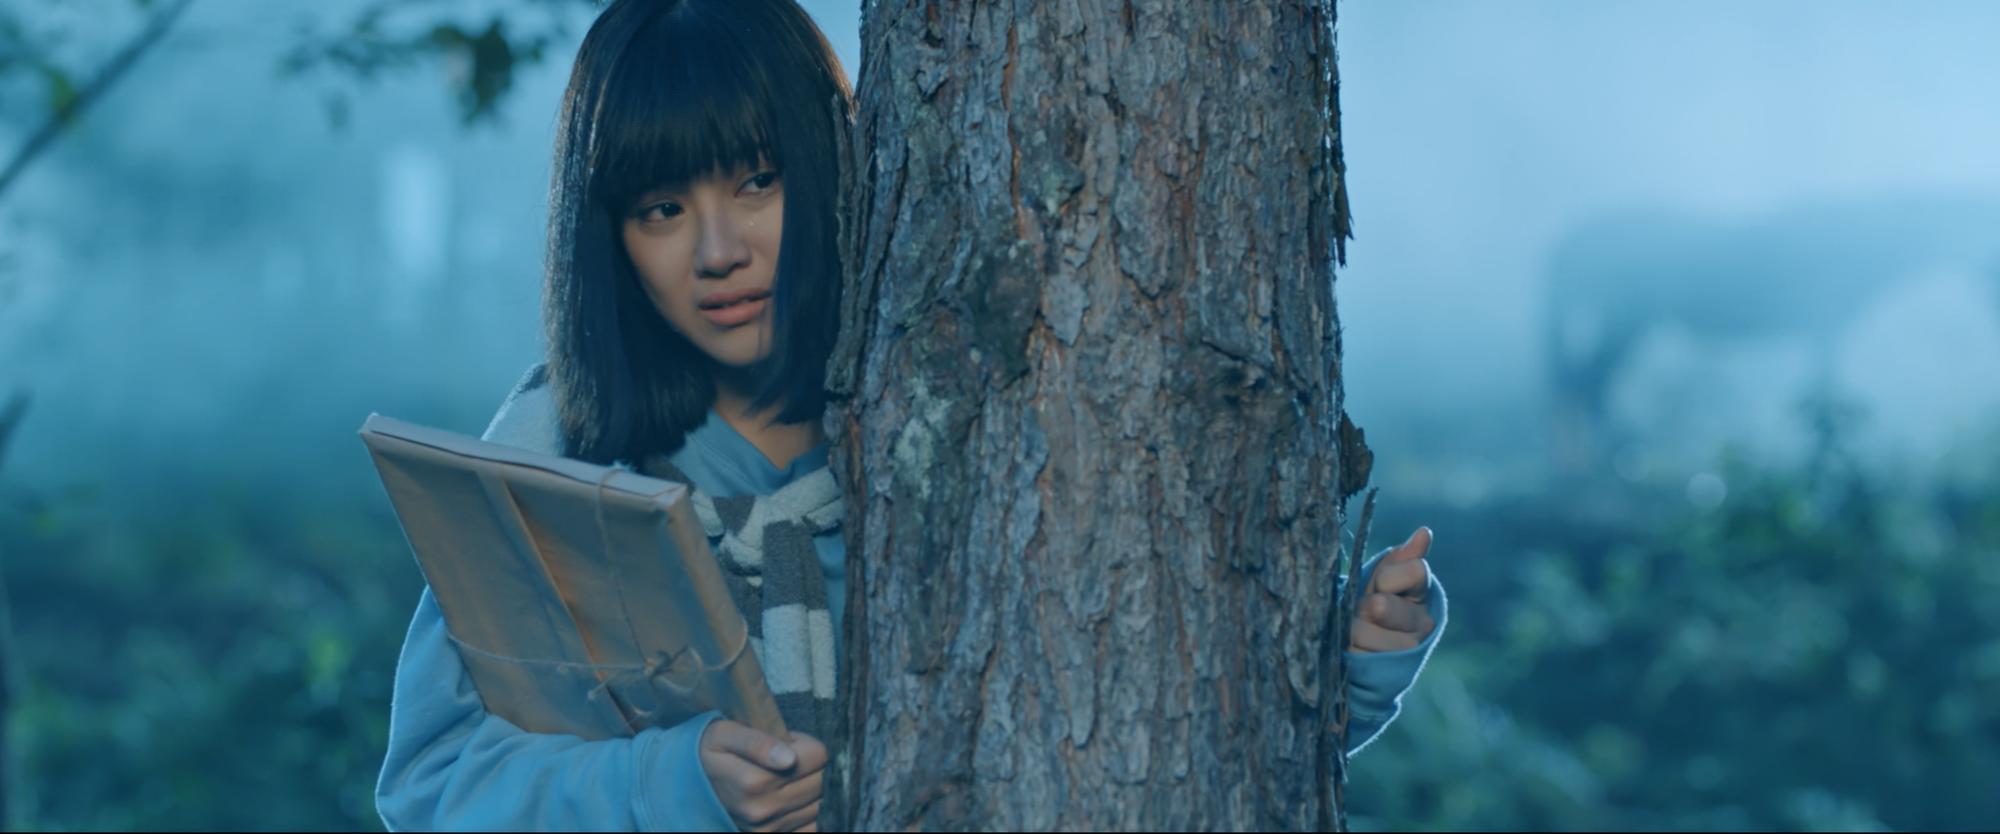 Tháng năm rực rỡ của cô diễn viên Hoàng Yến Chibi đã bắt đầu từ hôm nay! - Ảnh 11.